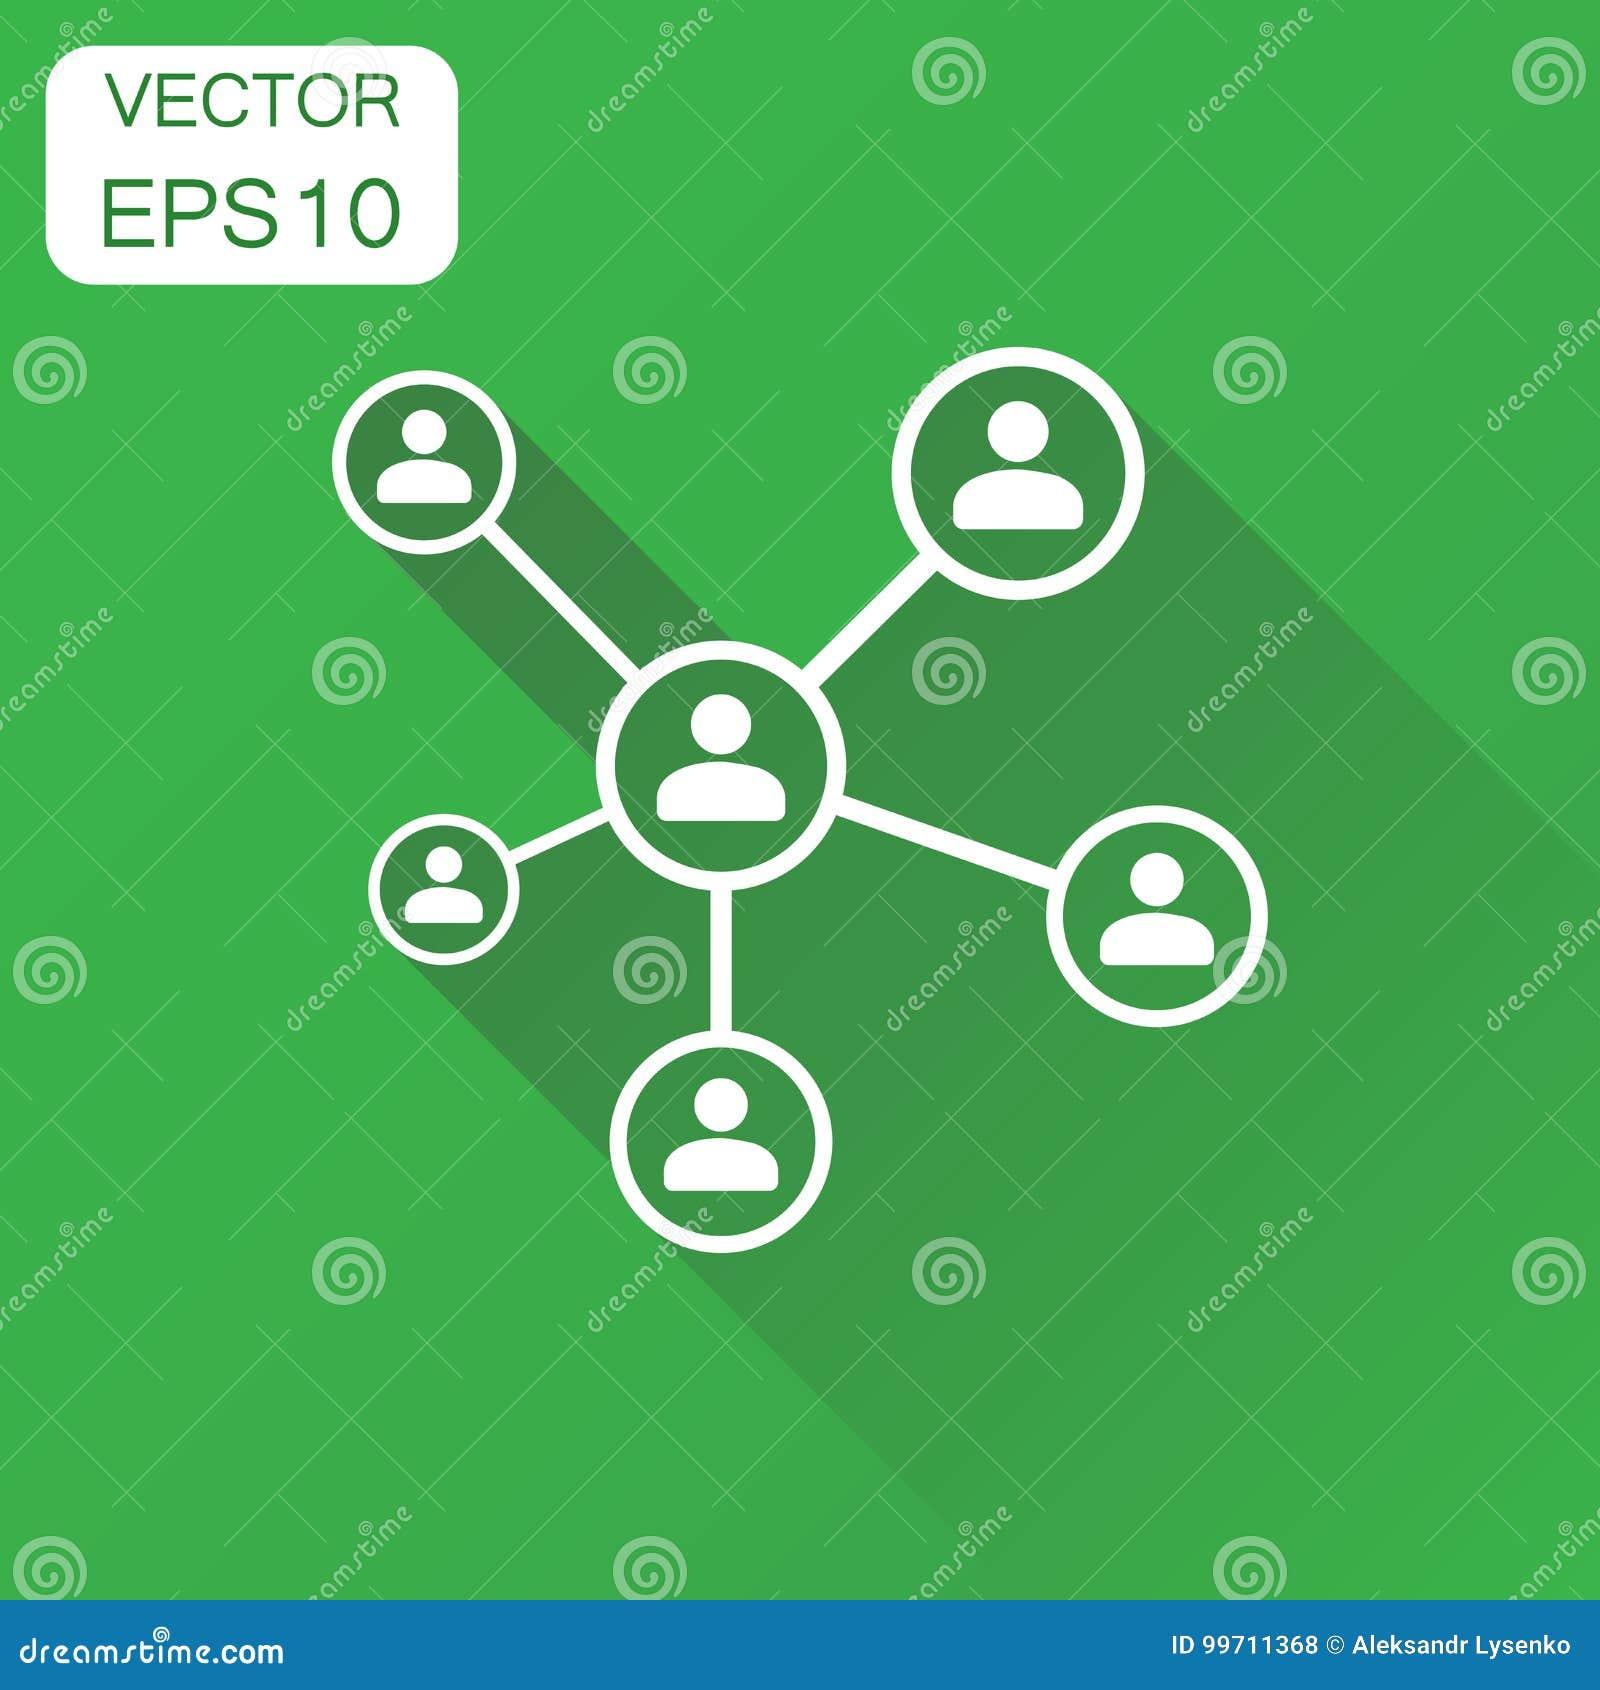 Nätverkssymbol Pictogram för affärsidéfolkanslutning Vect